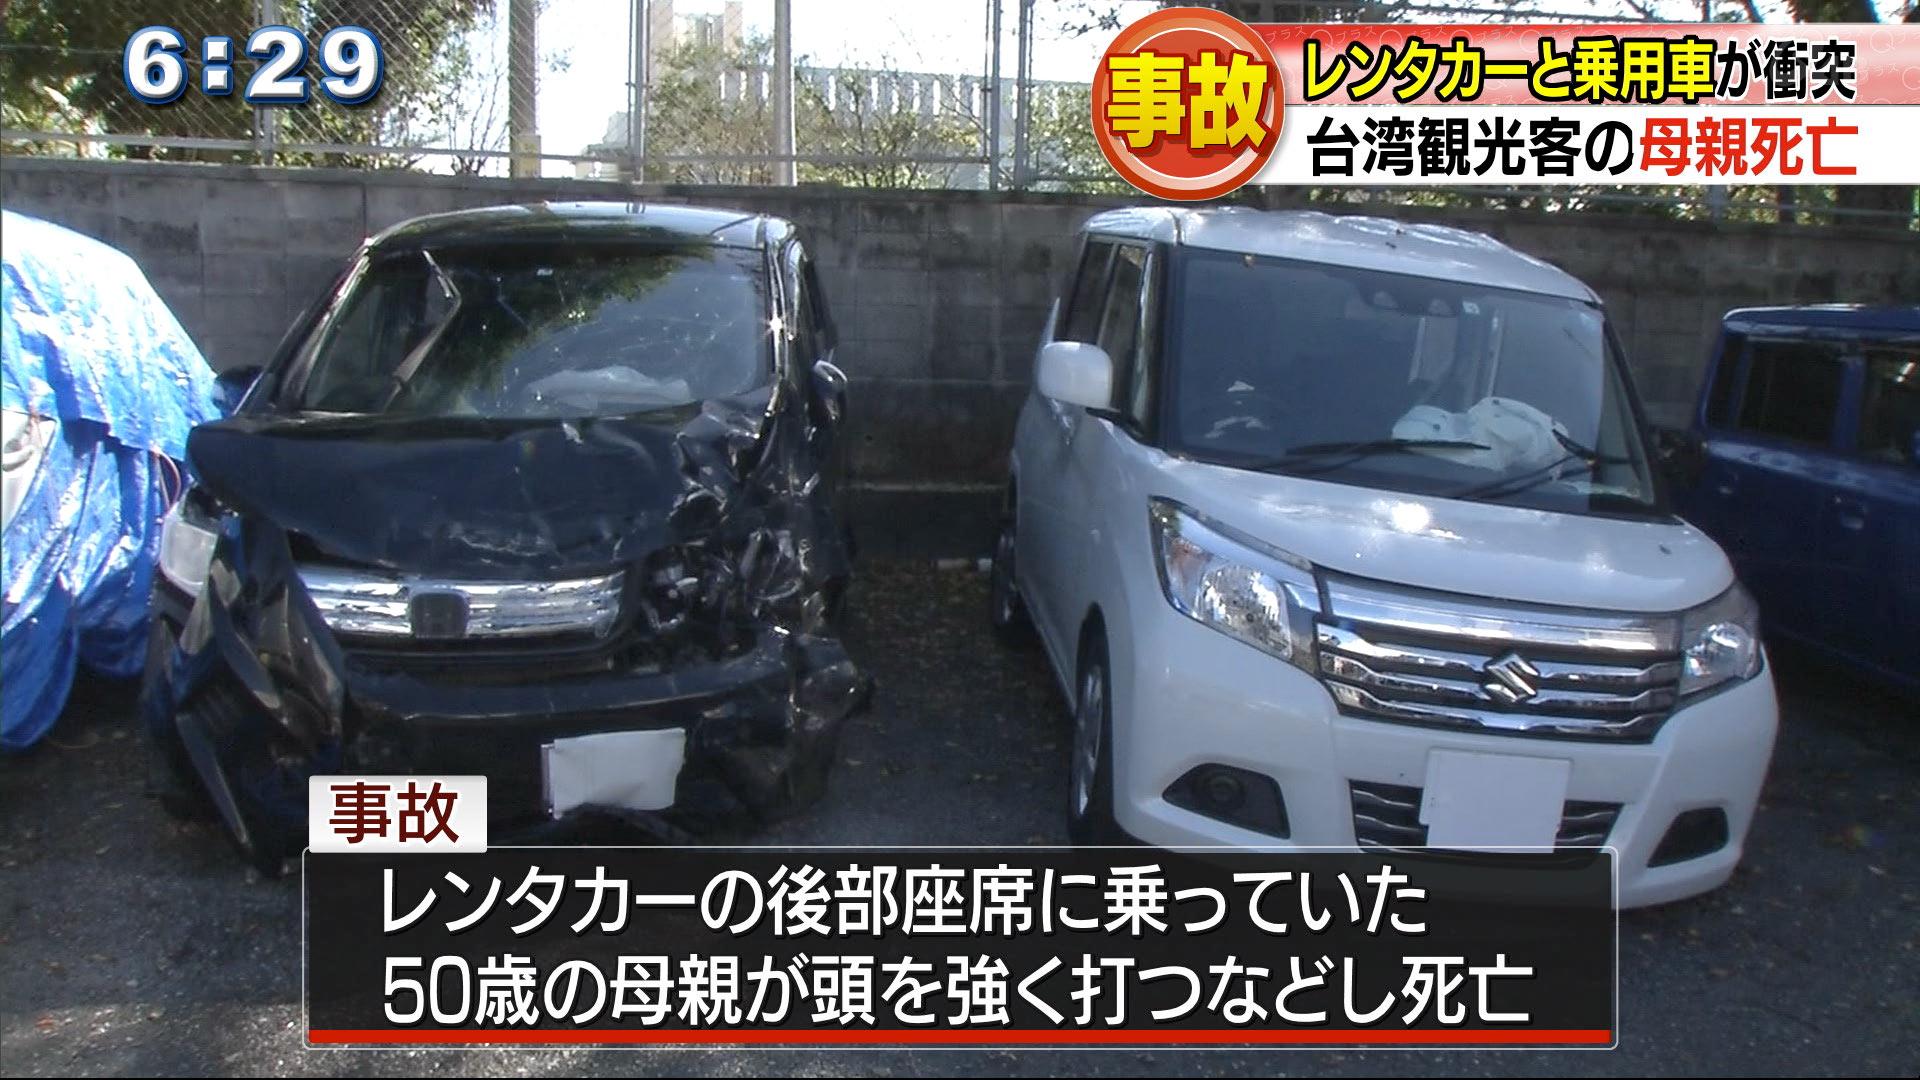 レンタカーと乗用車が衝突 台湾観光客死亡